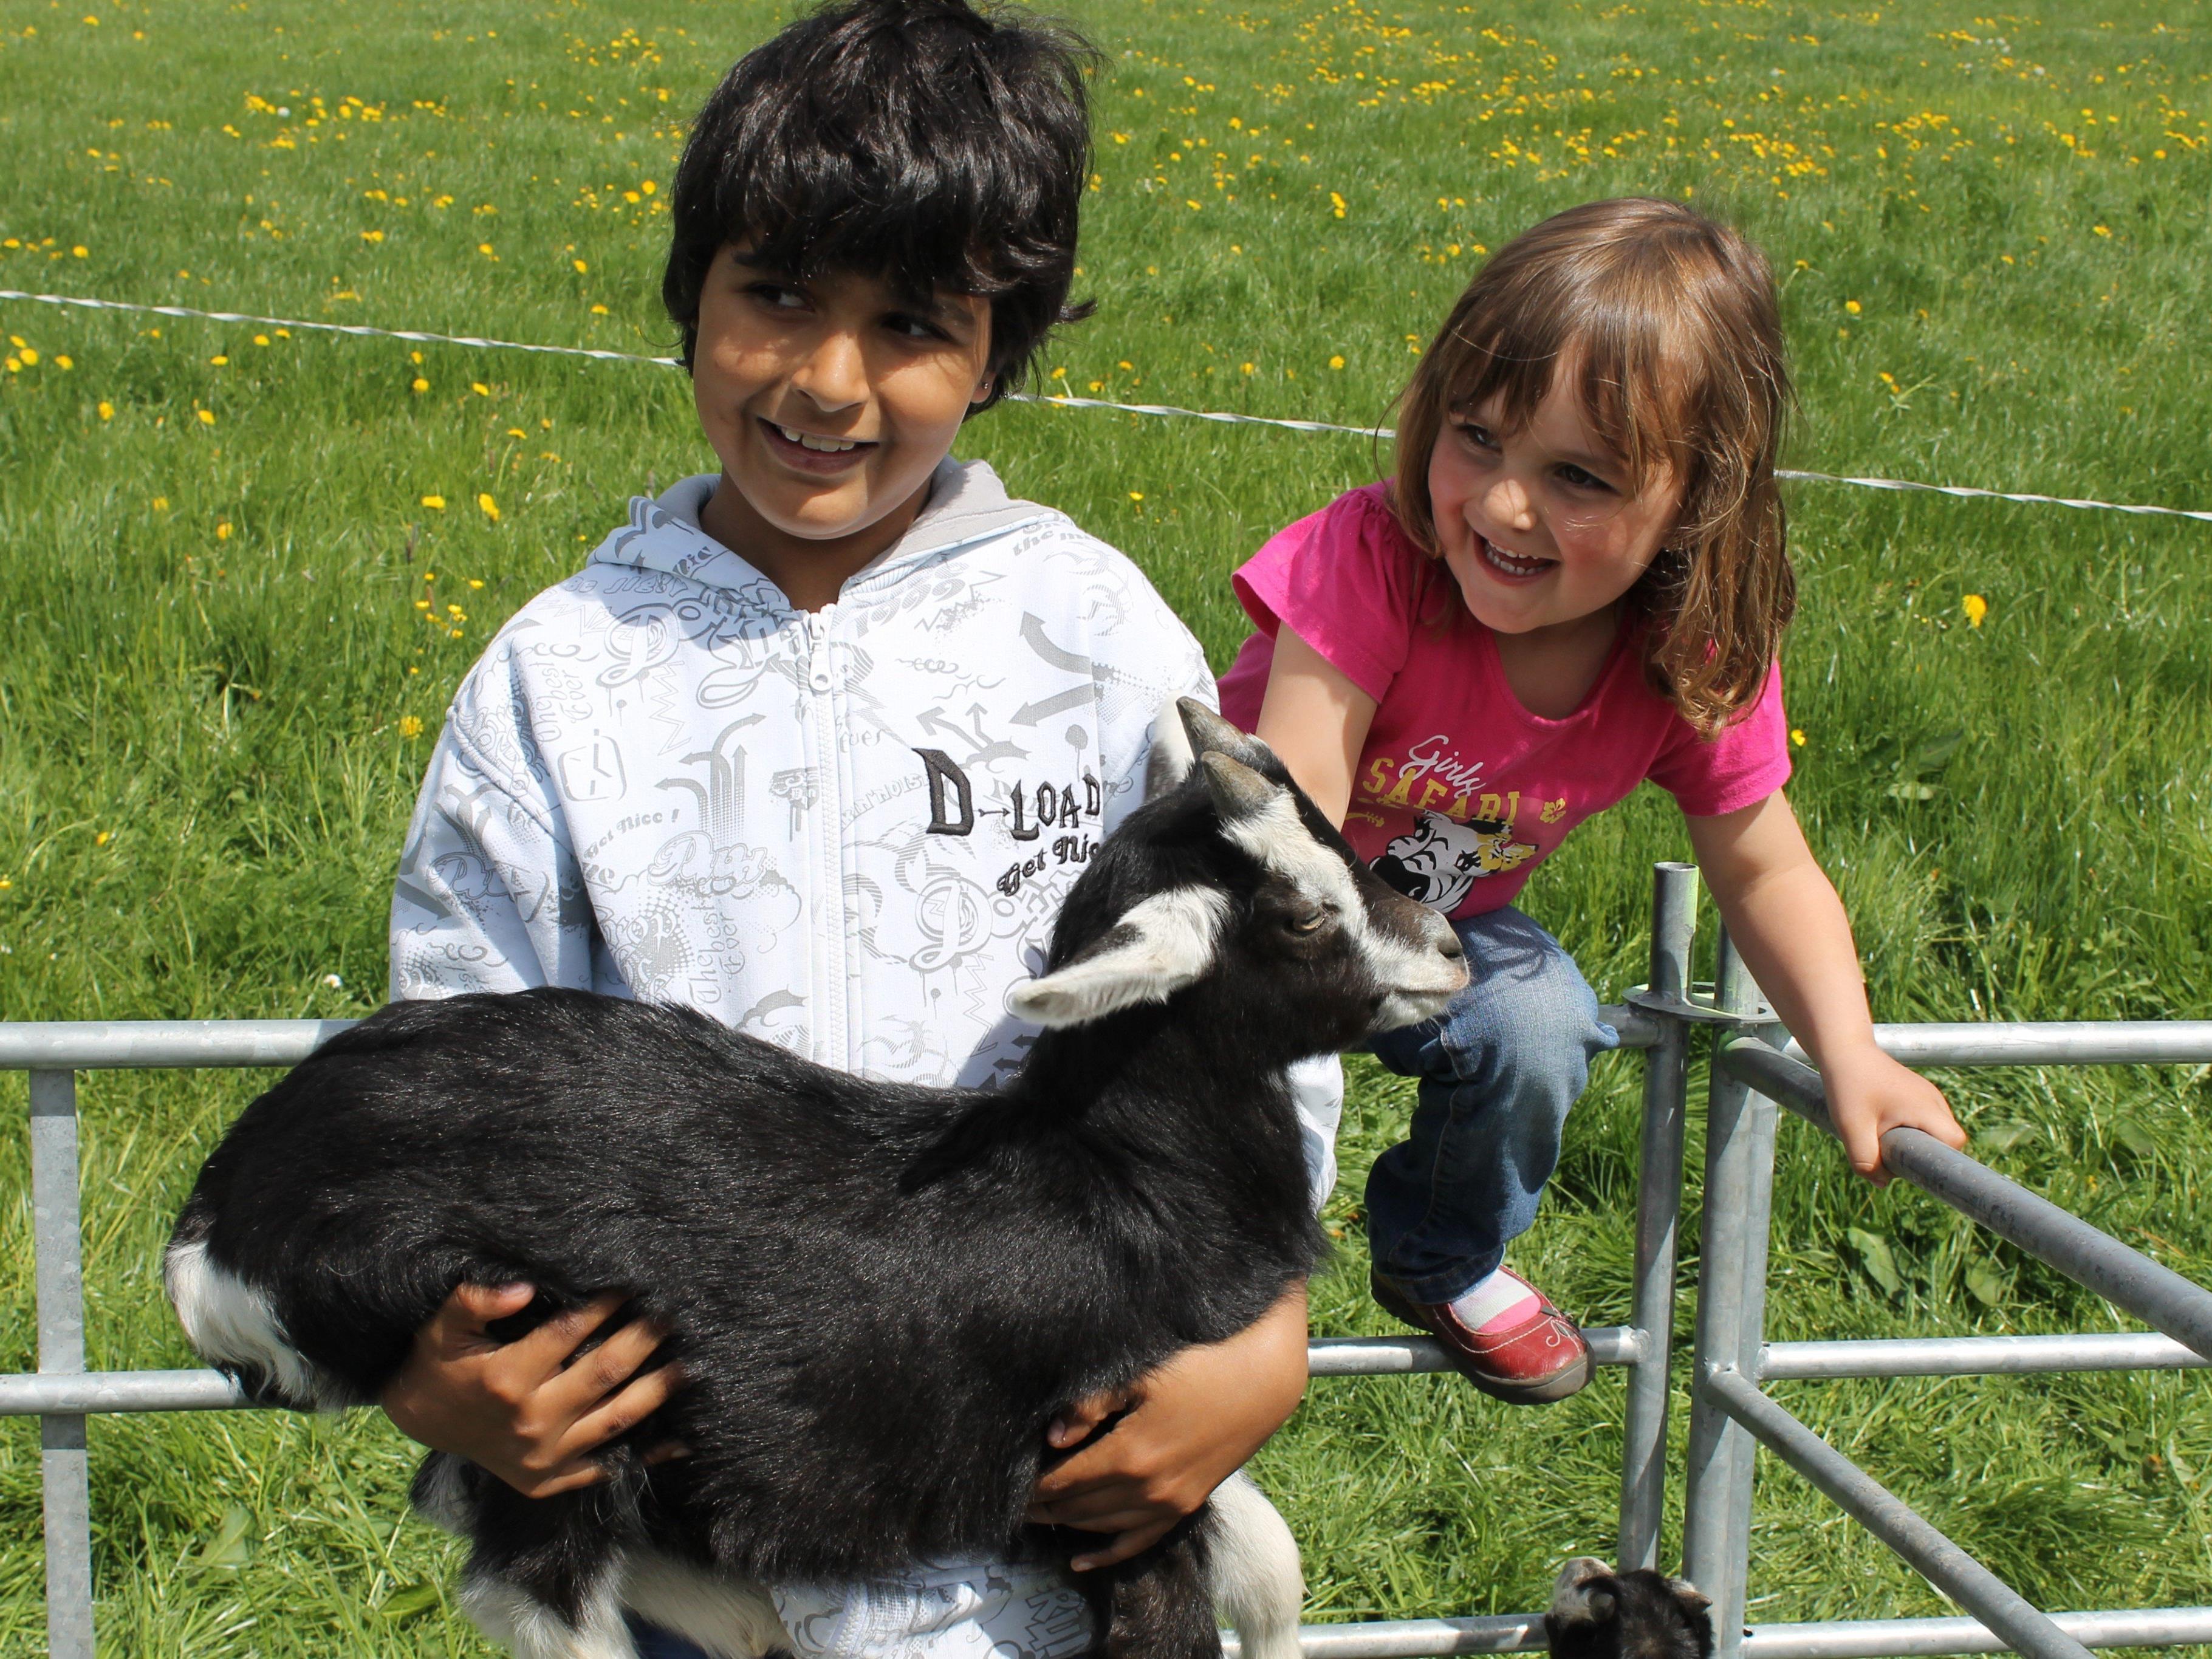 Auch im vergangenen Jahr, freuten sich die Kinder über die putzigen Tiere